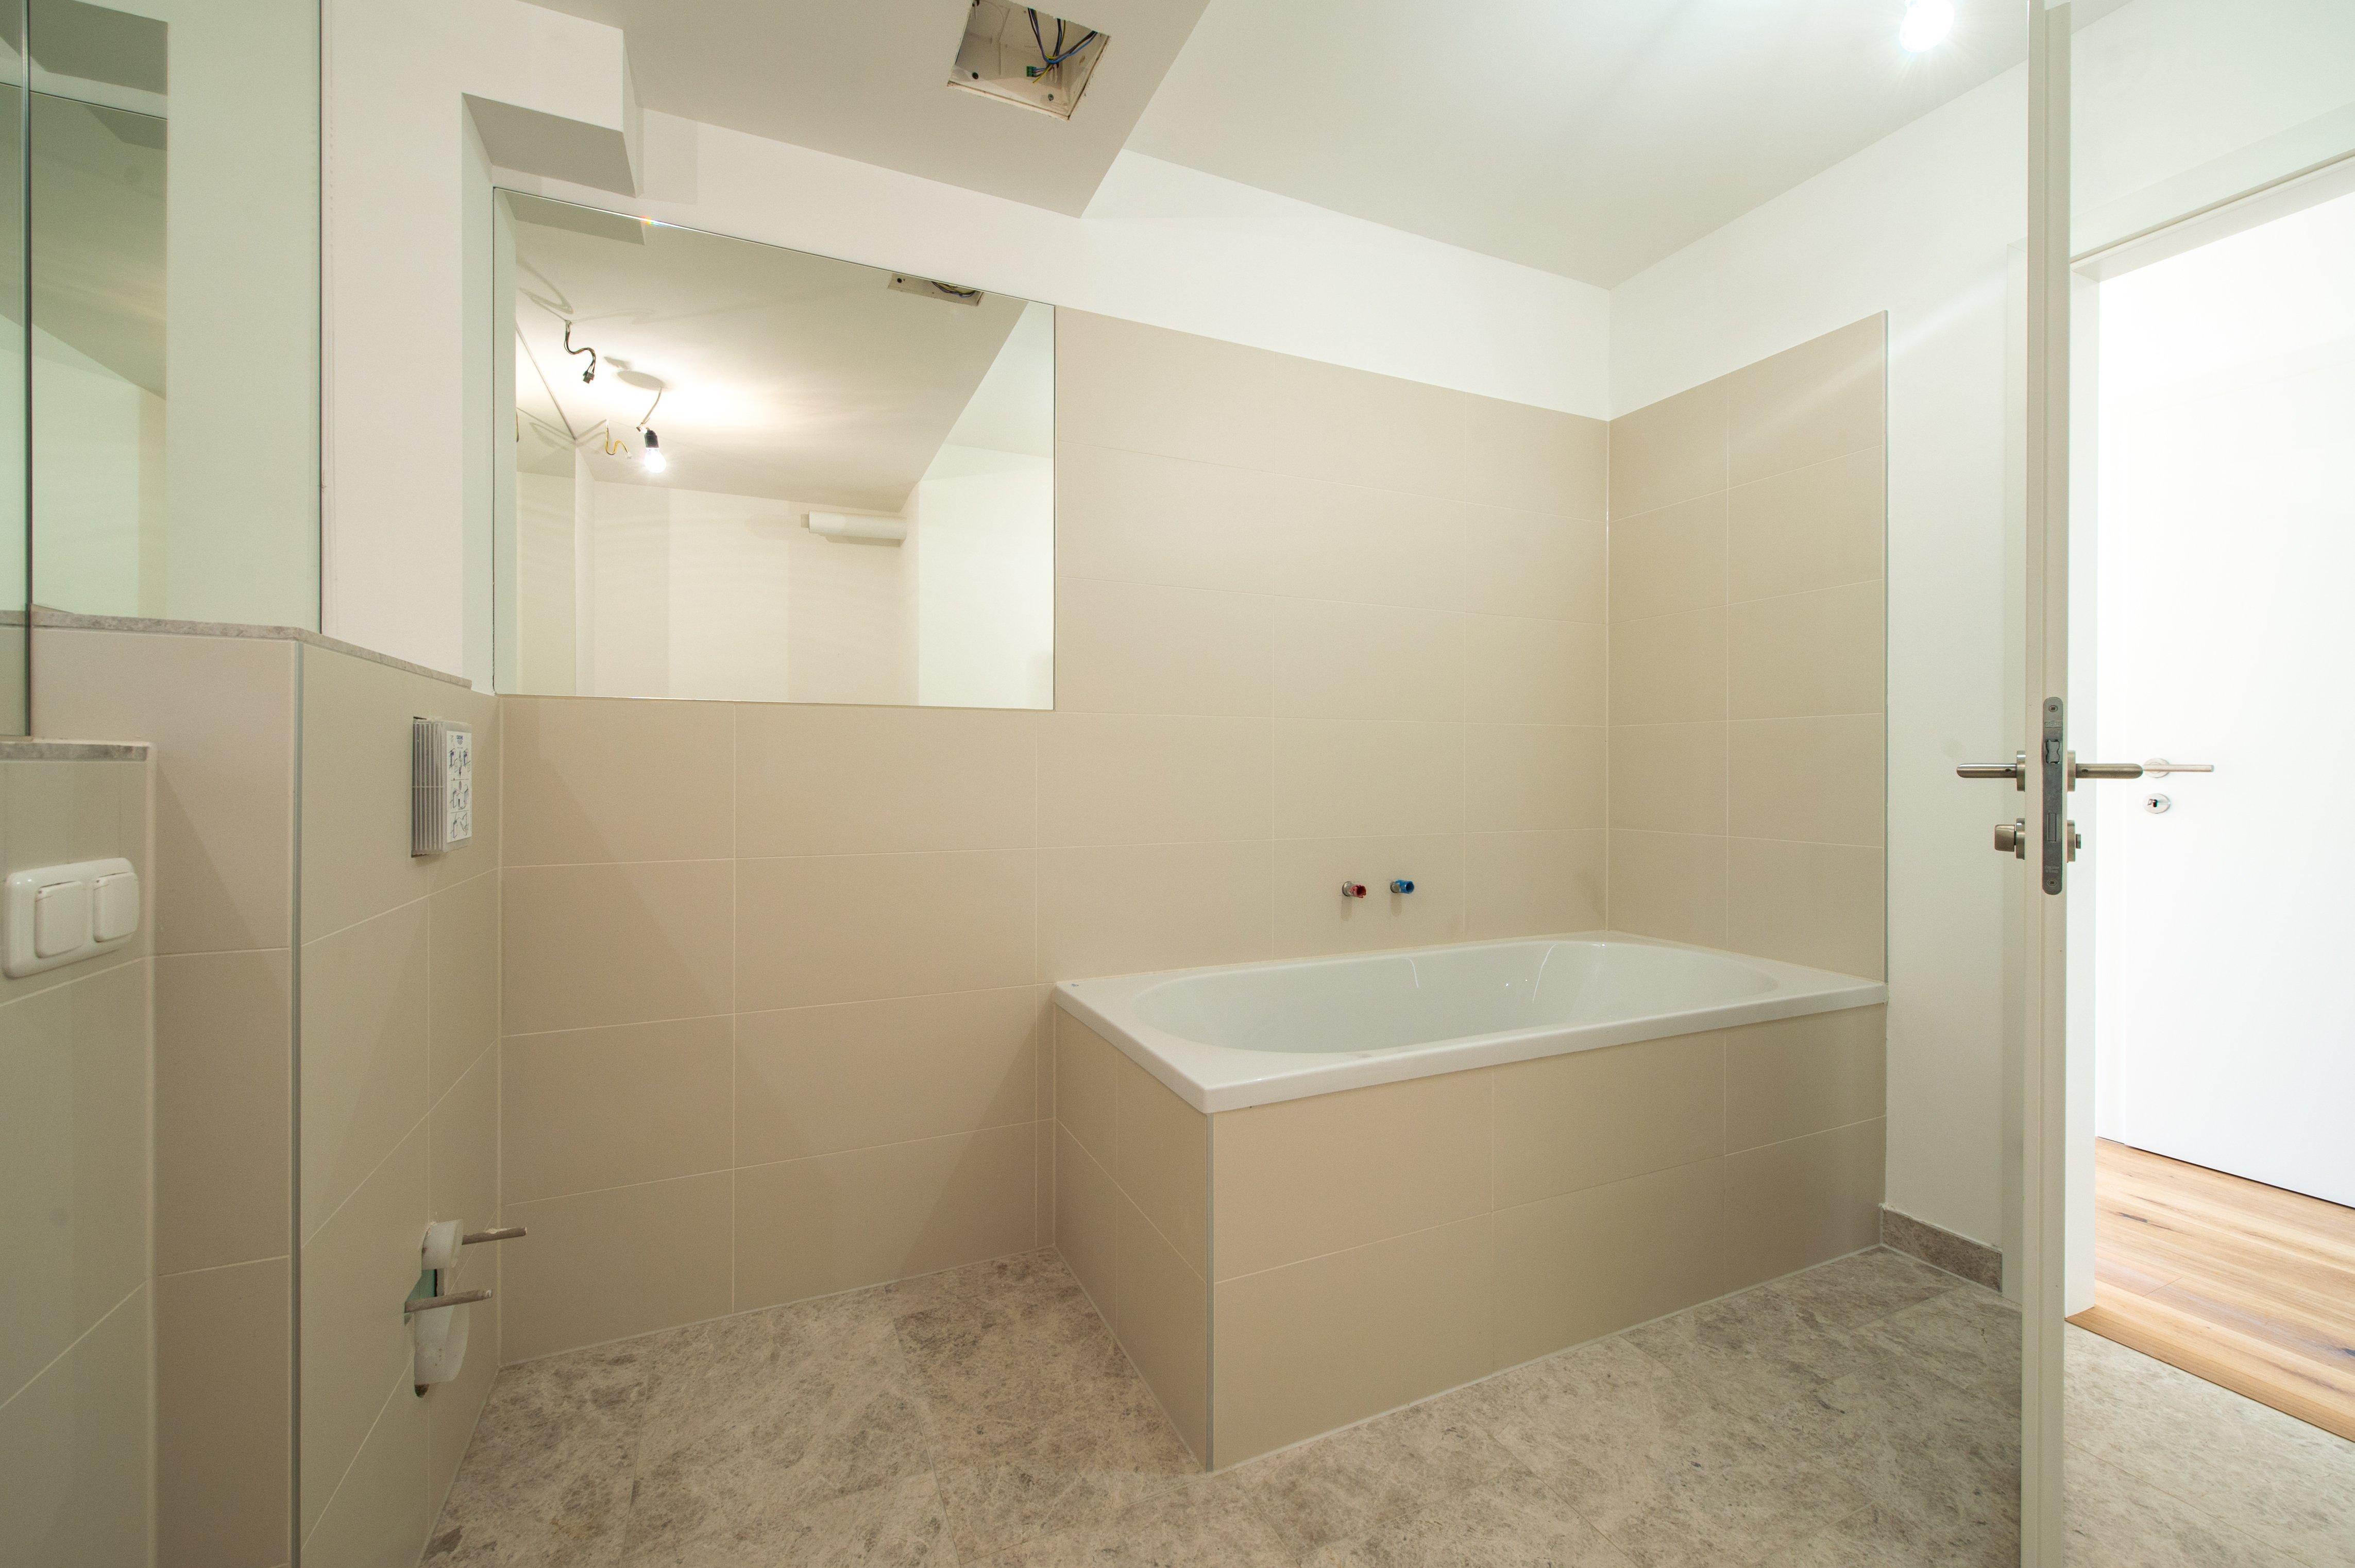 referenz piment. Black Bedroom Furniture Sets. Home Design Ideas